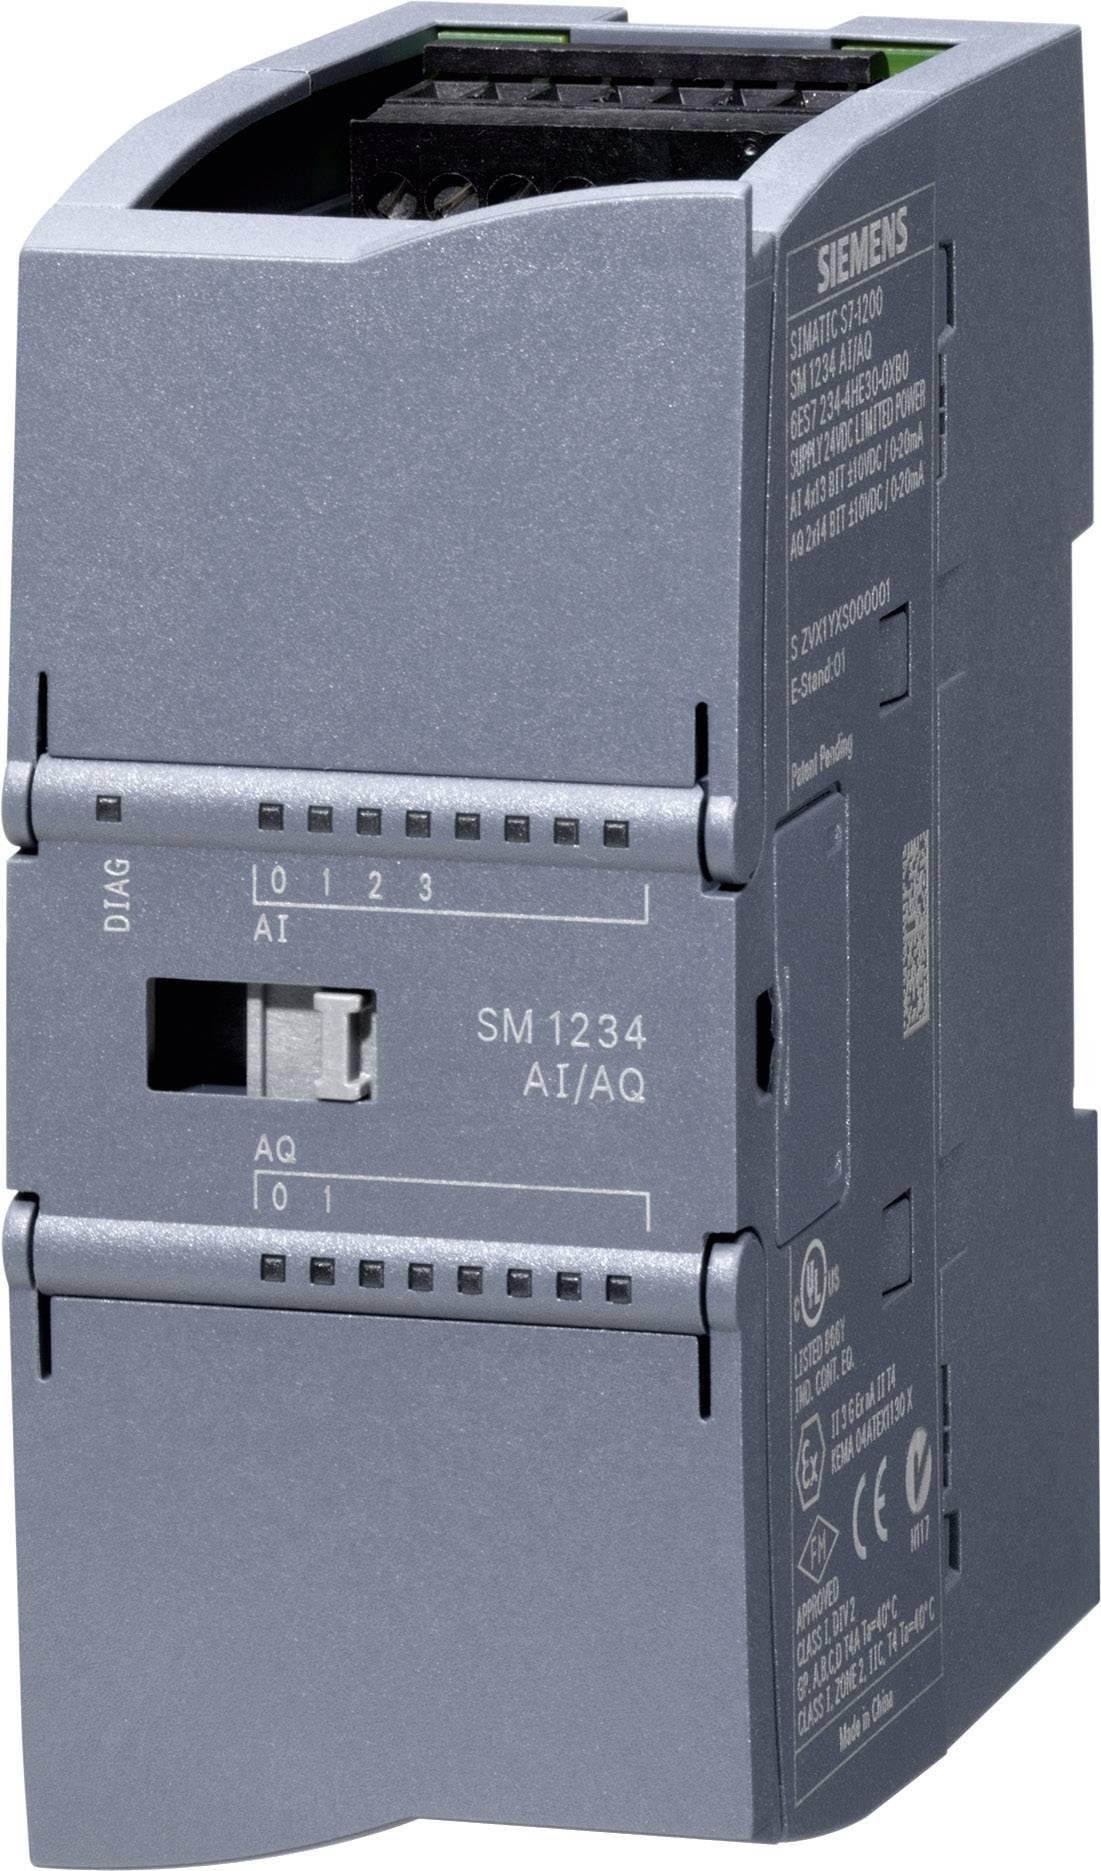 PLC rozširujúci modul Siemens SM 1234 6ES7234-4HE32-0XB0